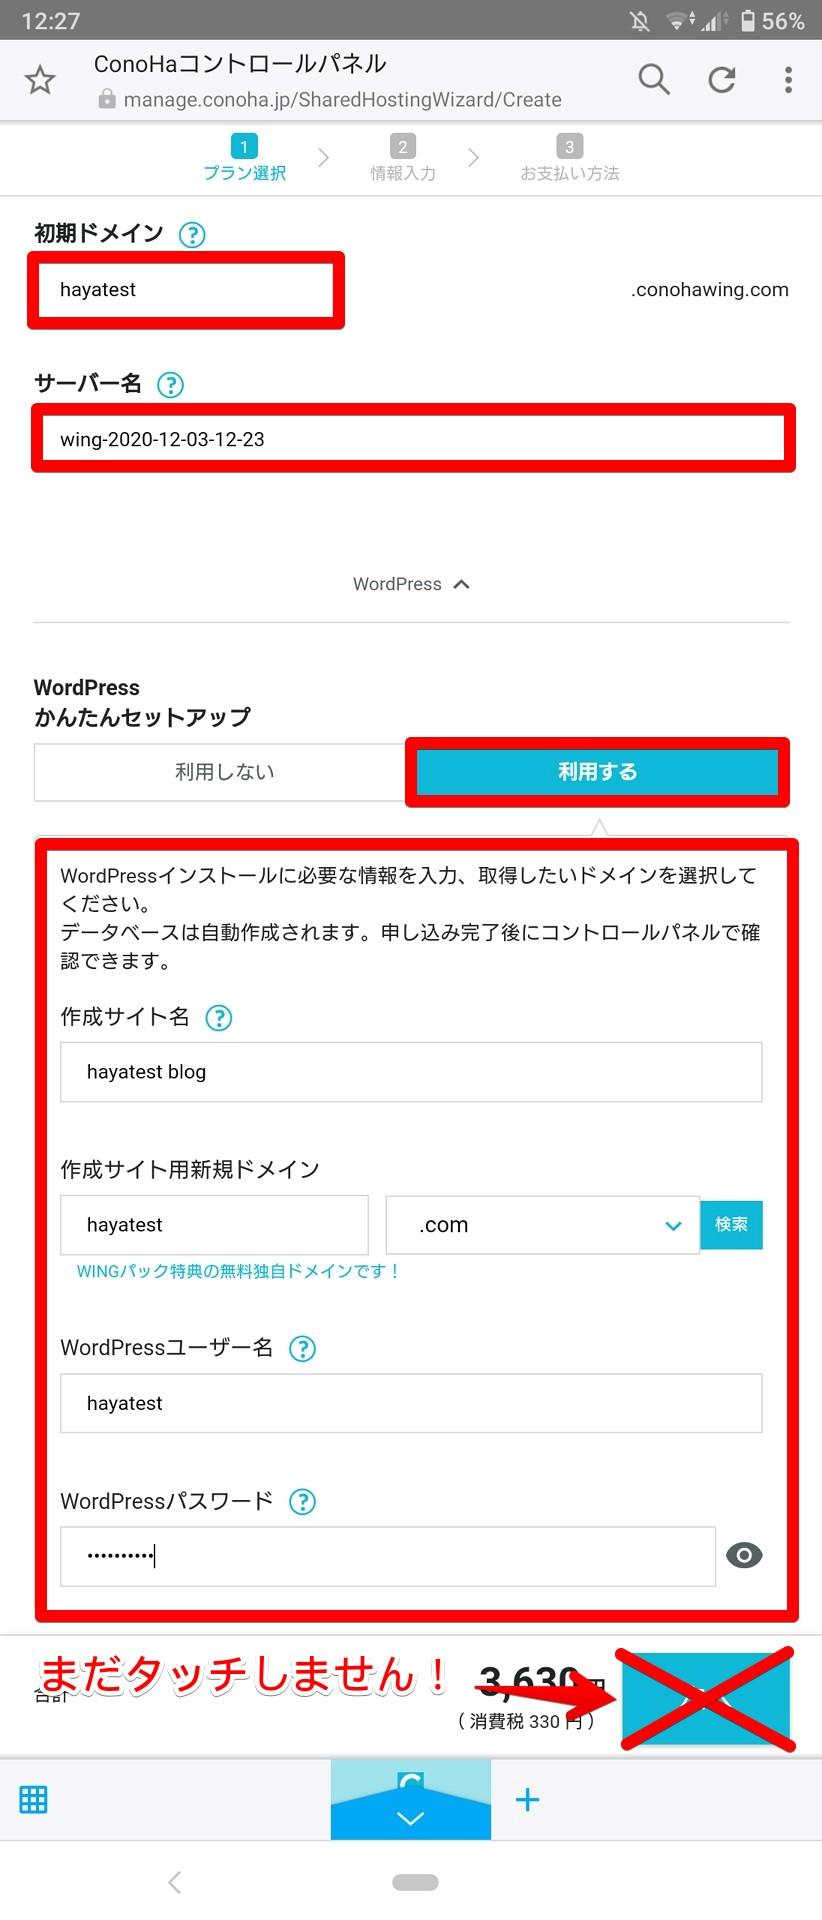 初期ドメイン(独自ドメインとは違います)、サーバー名・WordPressかんたんセットアップを入力